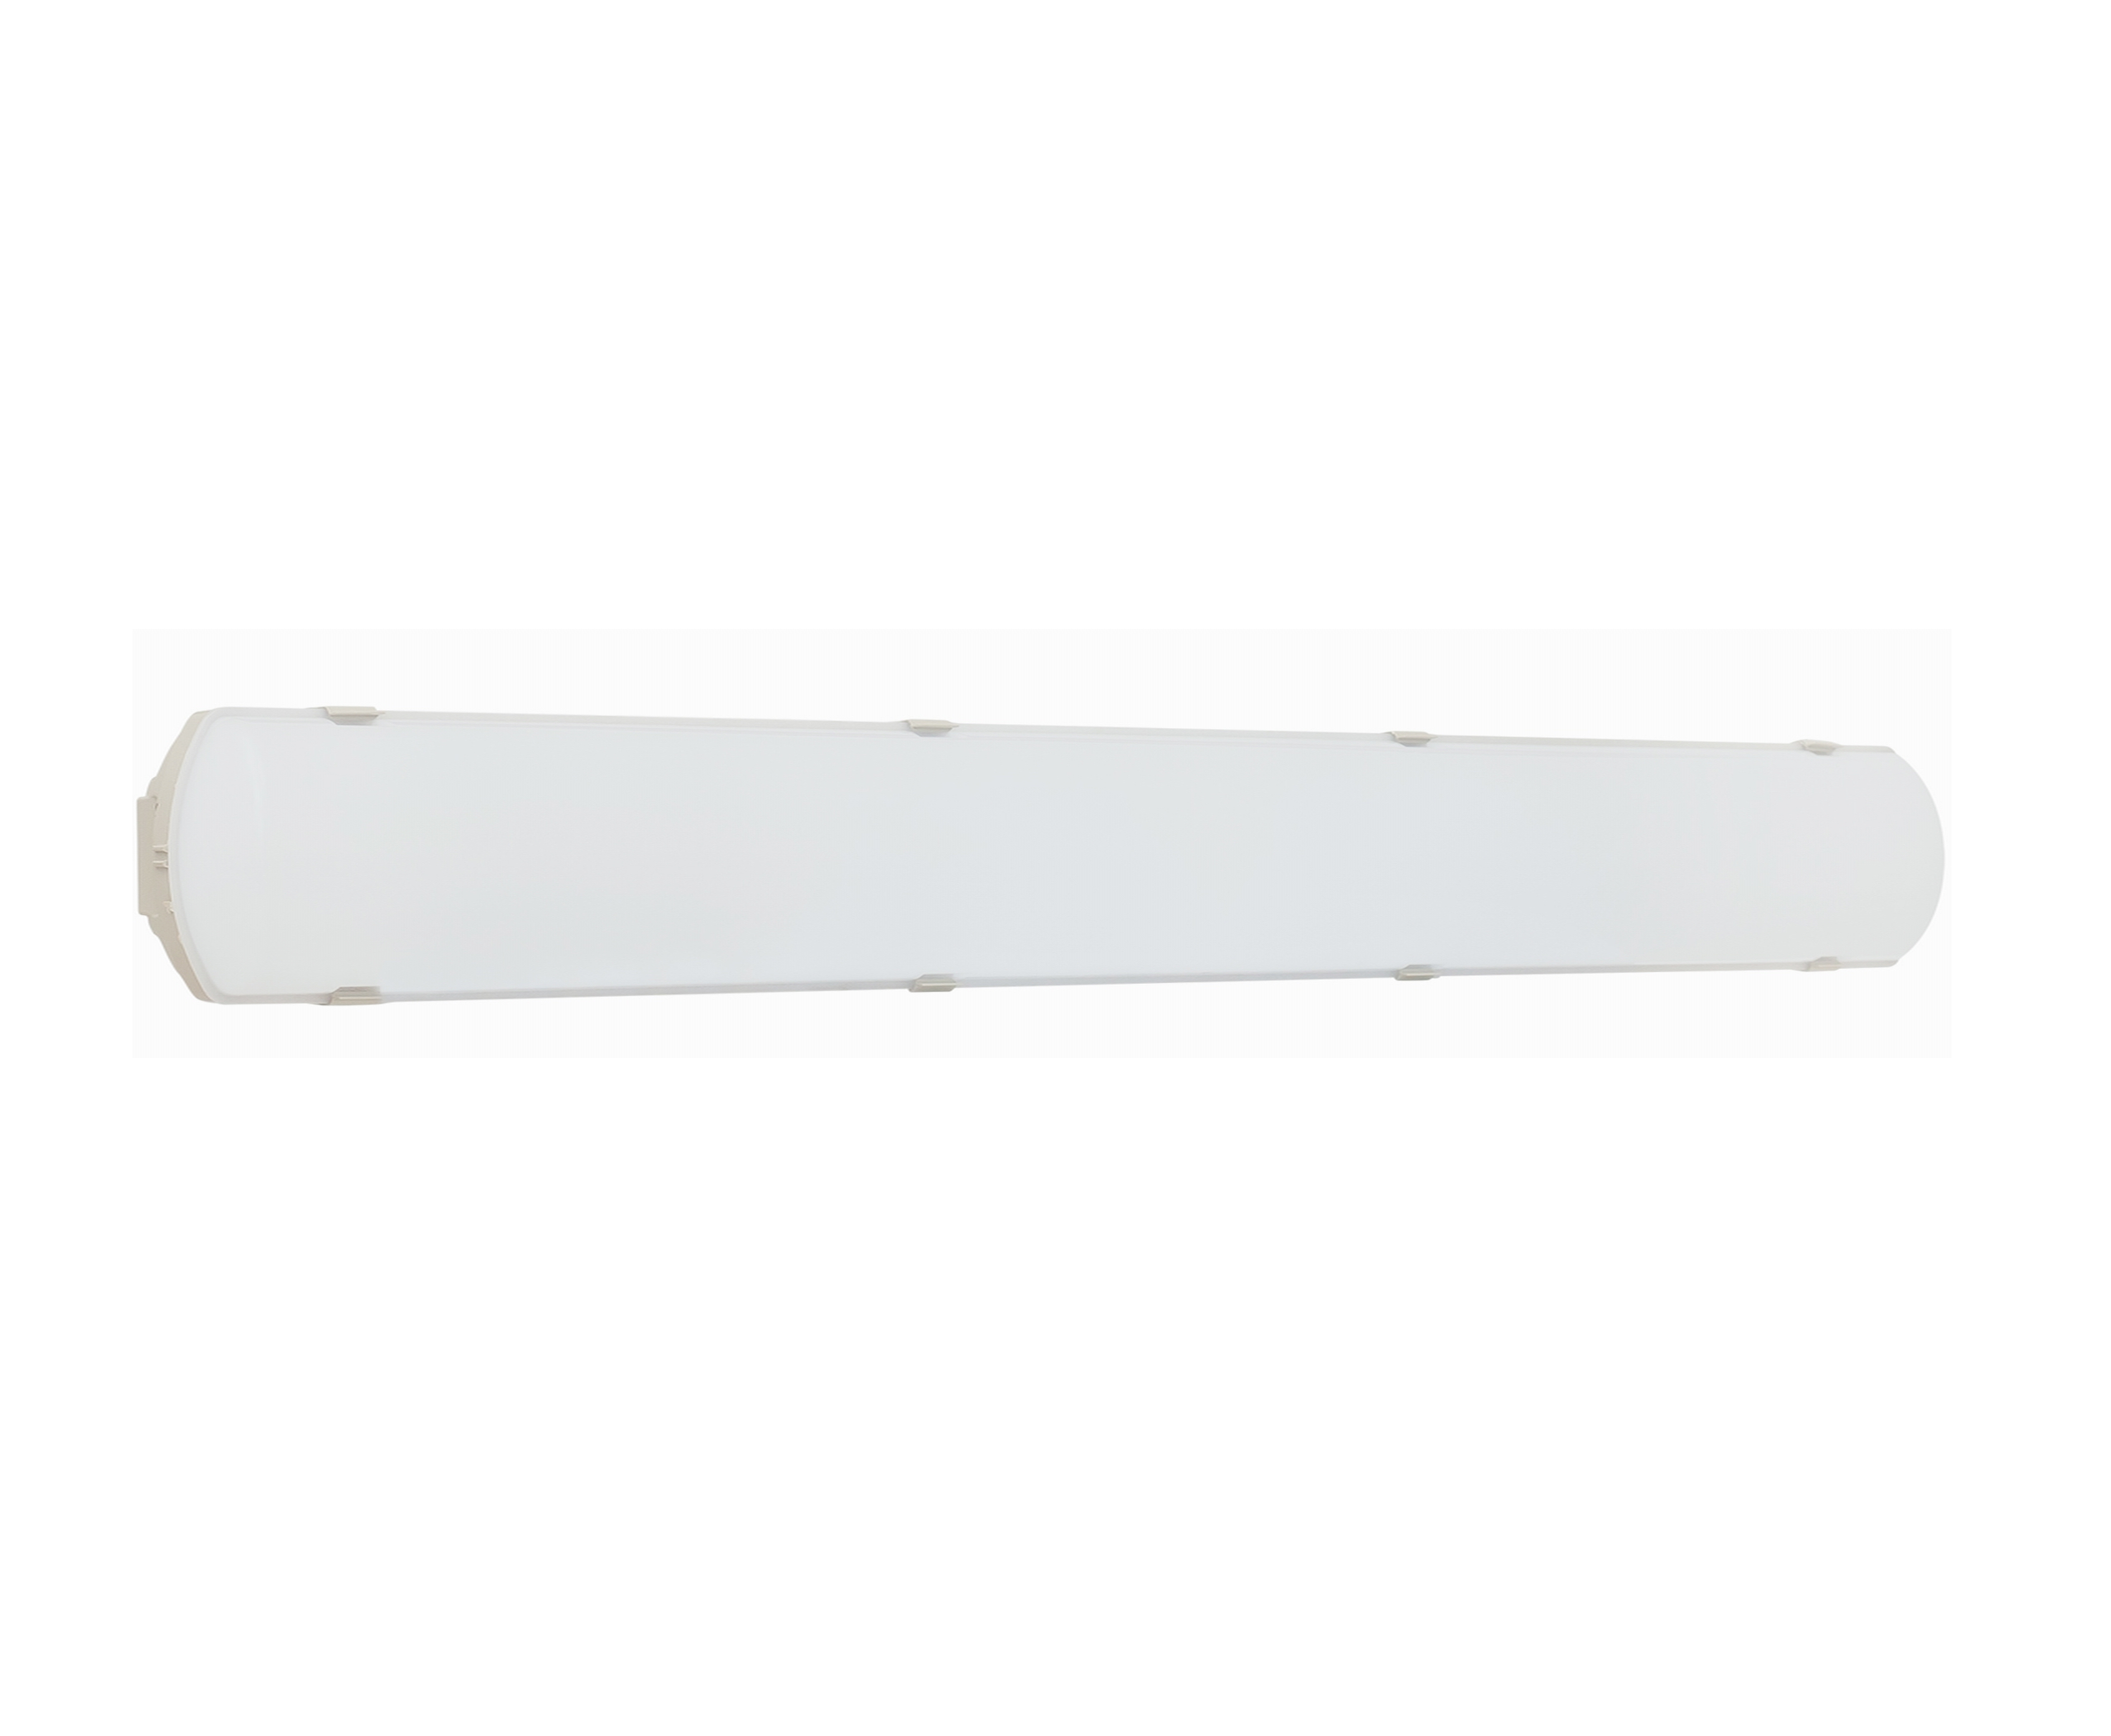 Промышленный светильник Айсберг